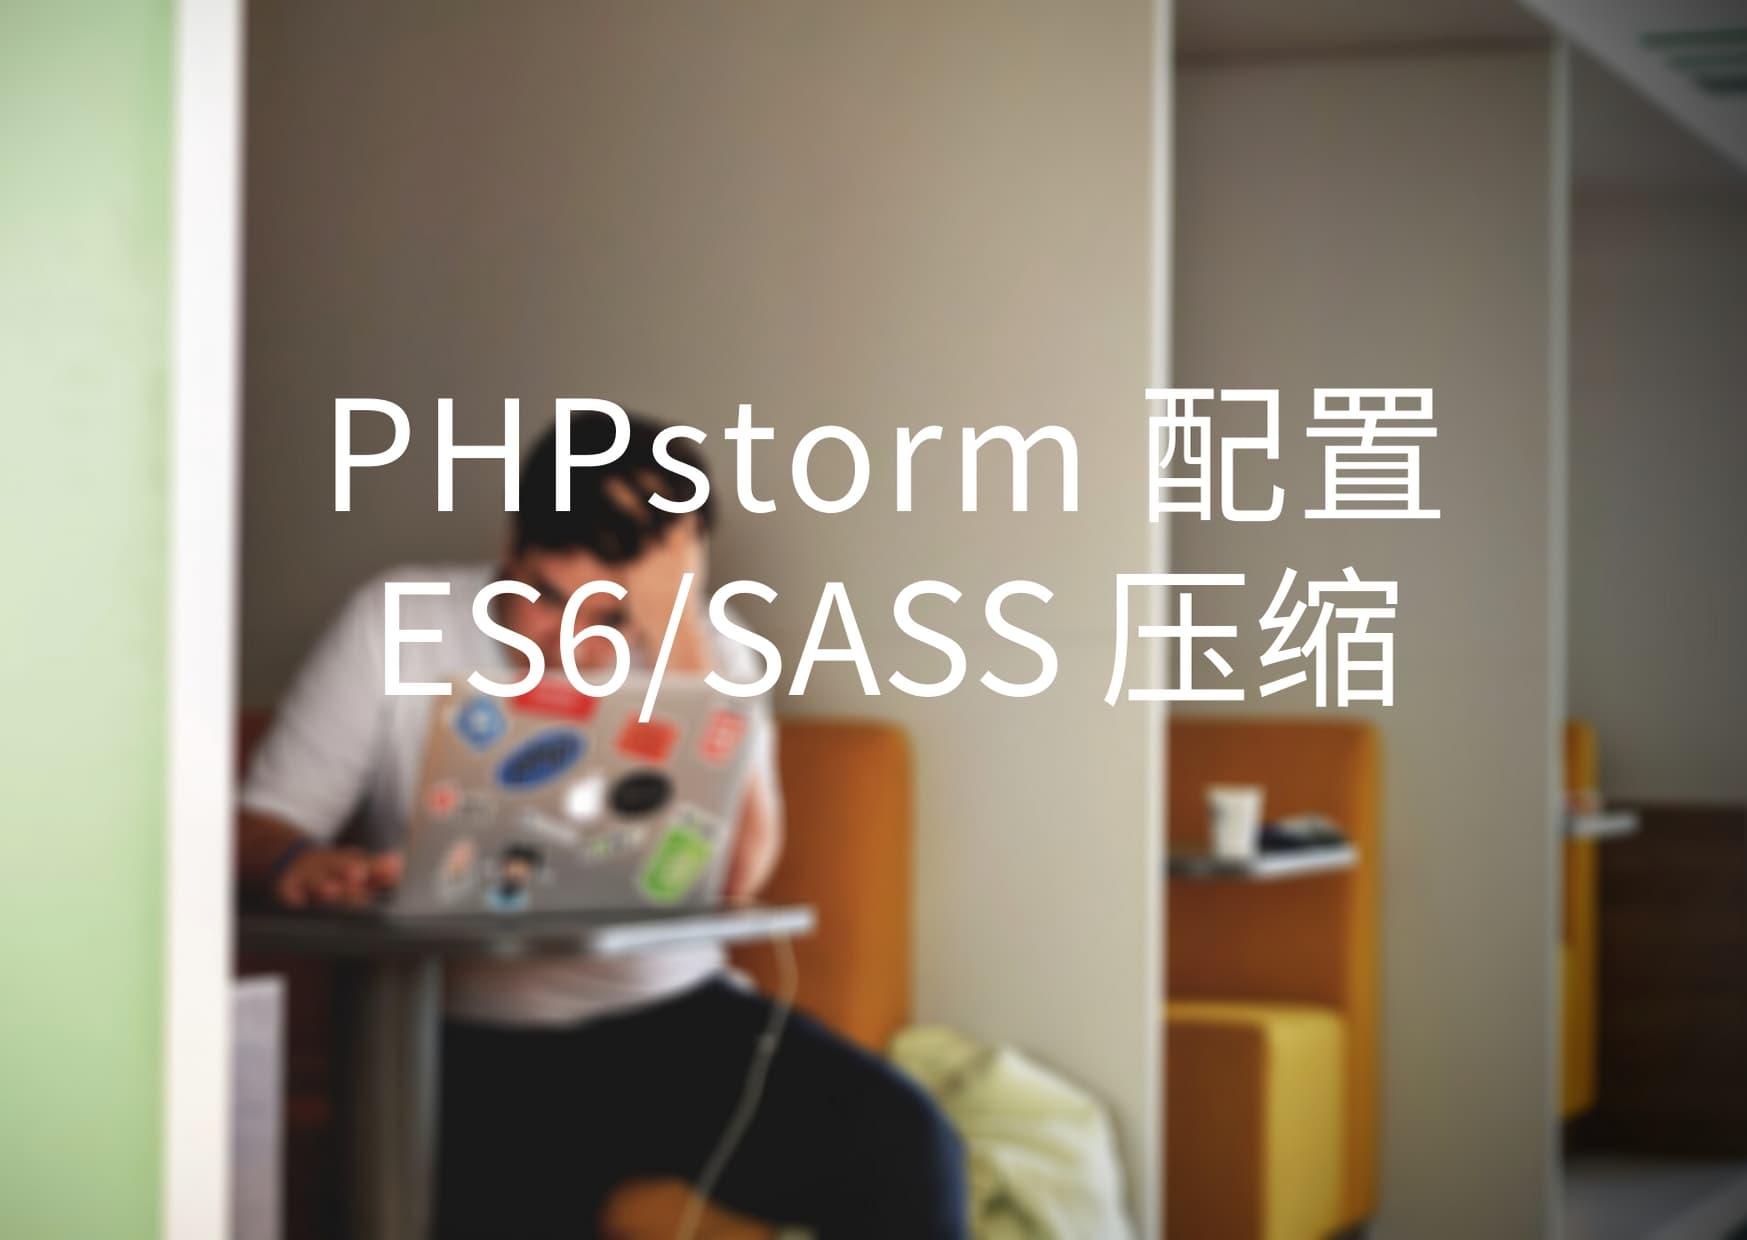 PHPstorm 配置 ES6/sass filewatcher 压缩